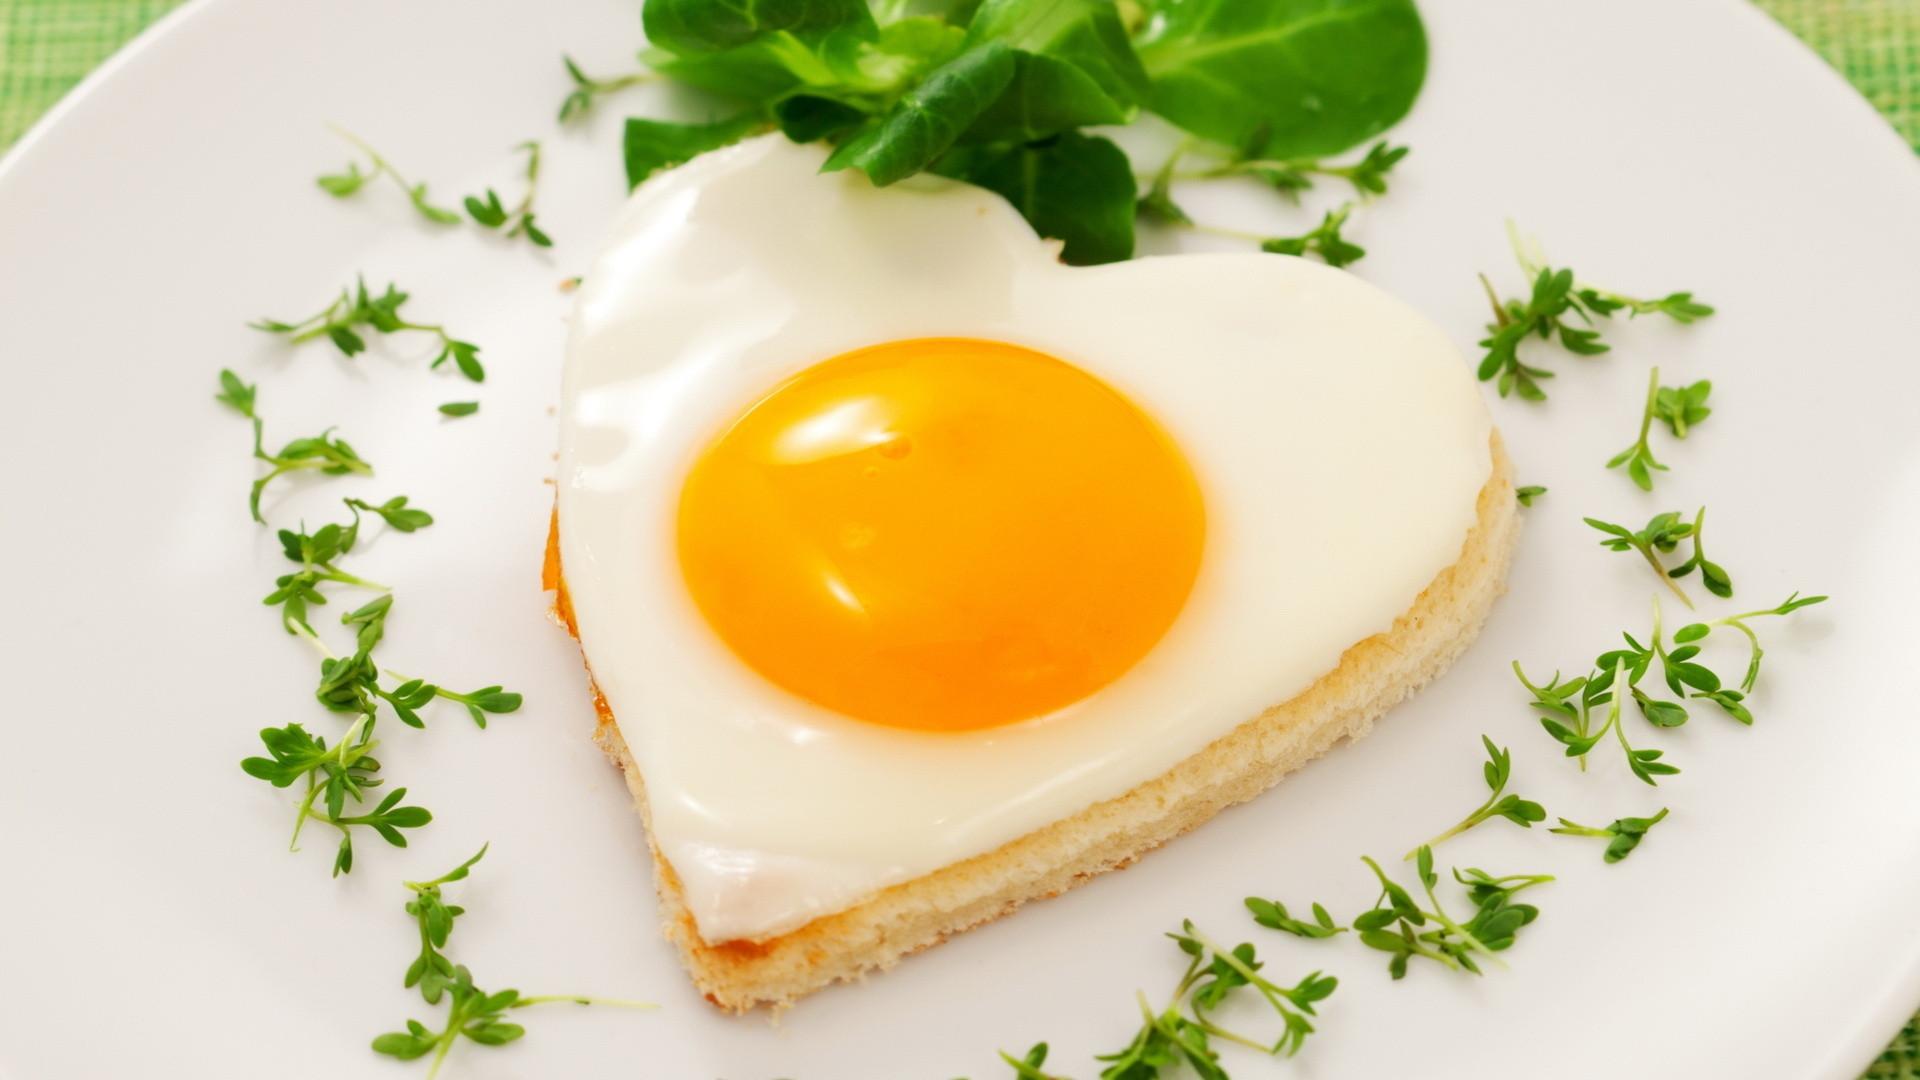 Heart Healthy Breakfast Ideas  Video Simple Healthy Breakfast Ideas HFR